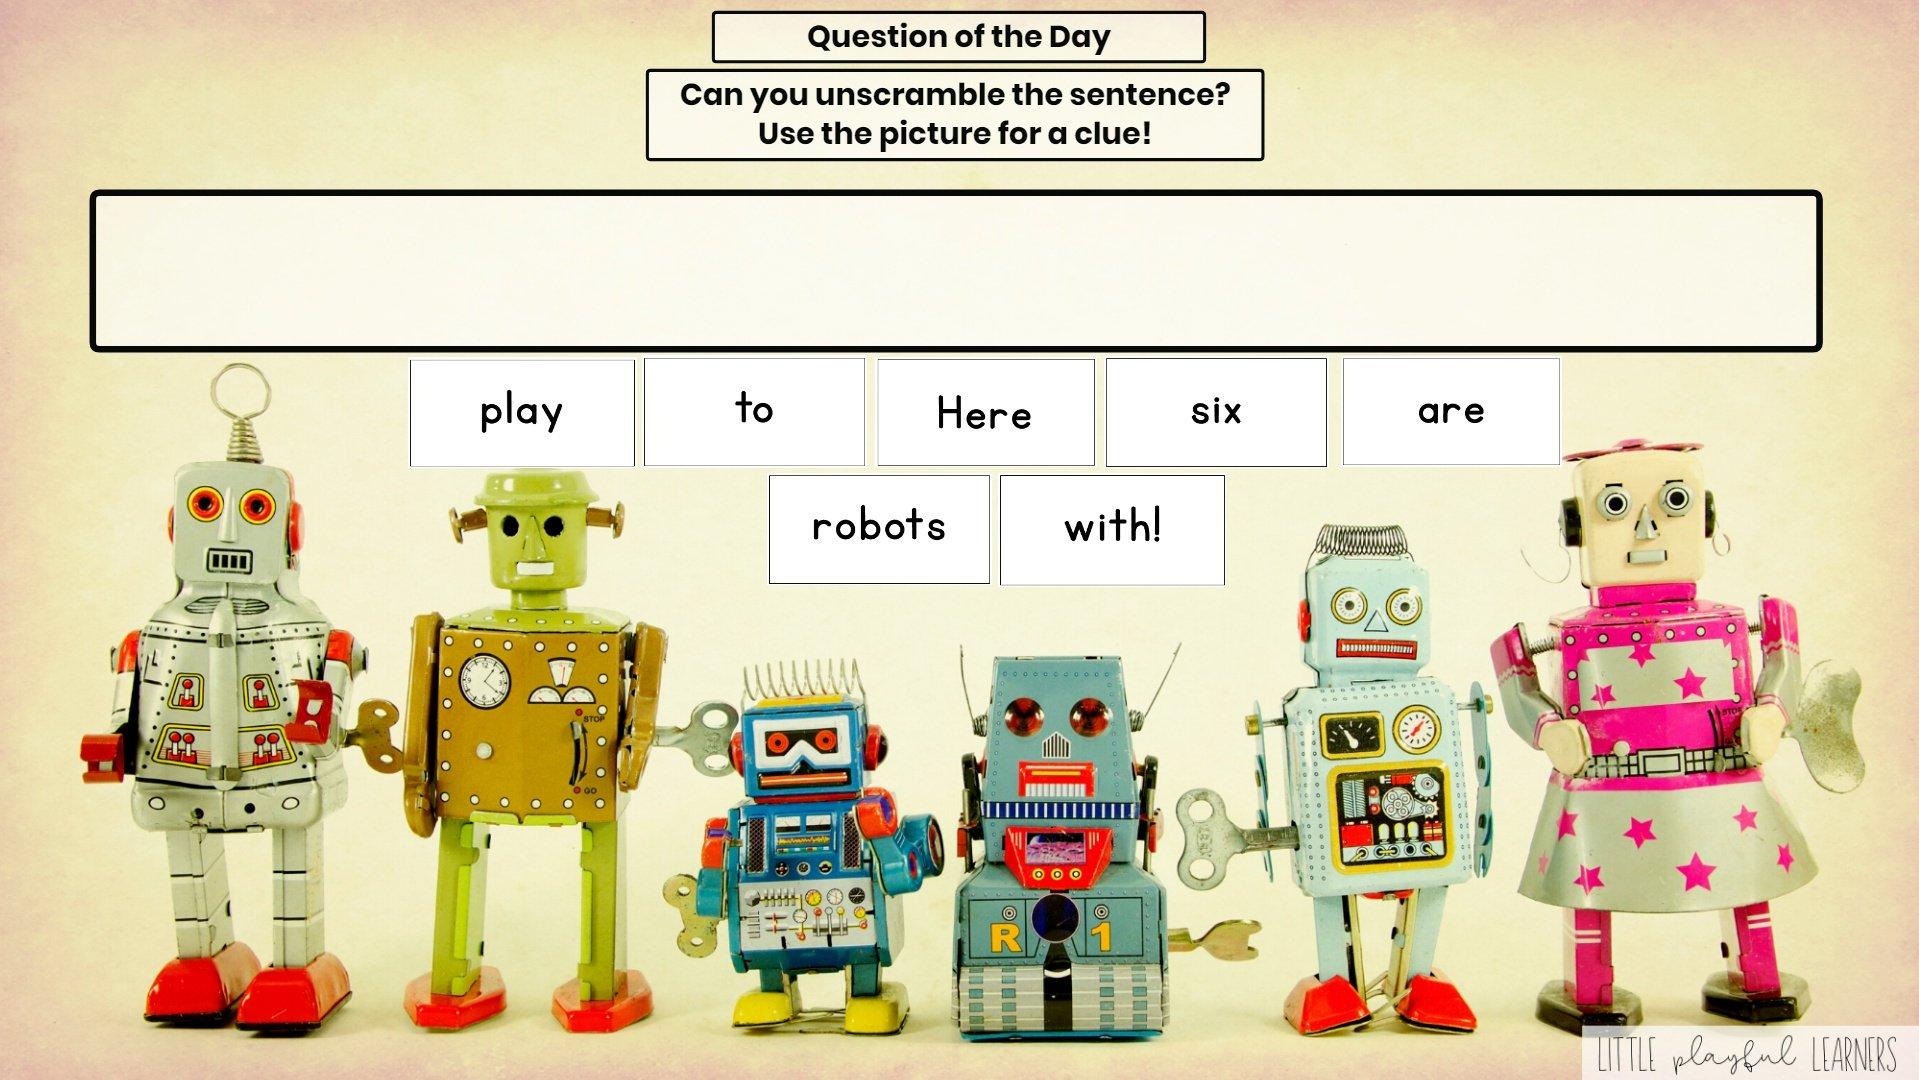 Seesaw: Sentence scramble - robot theme